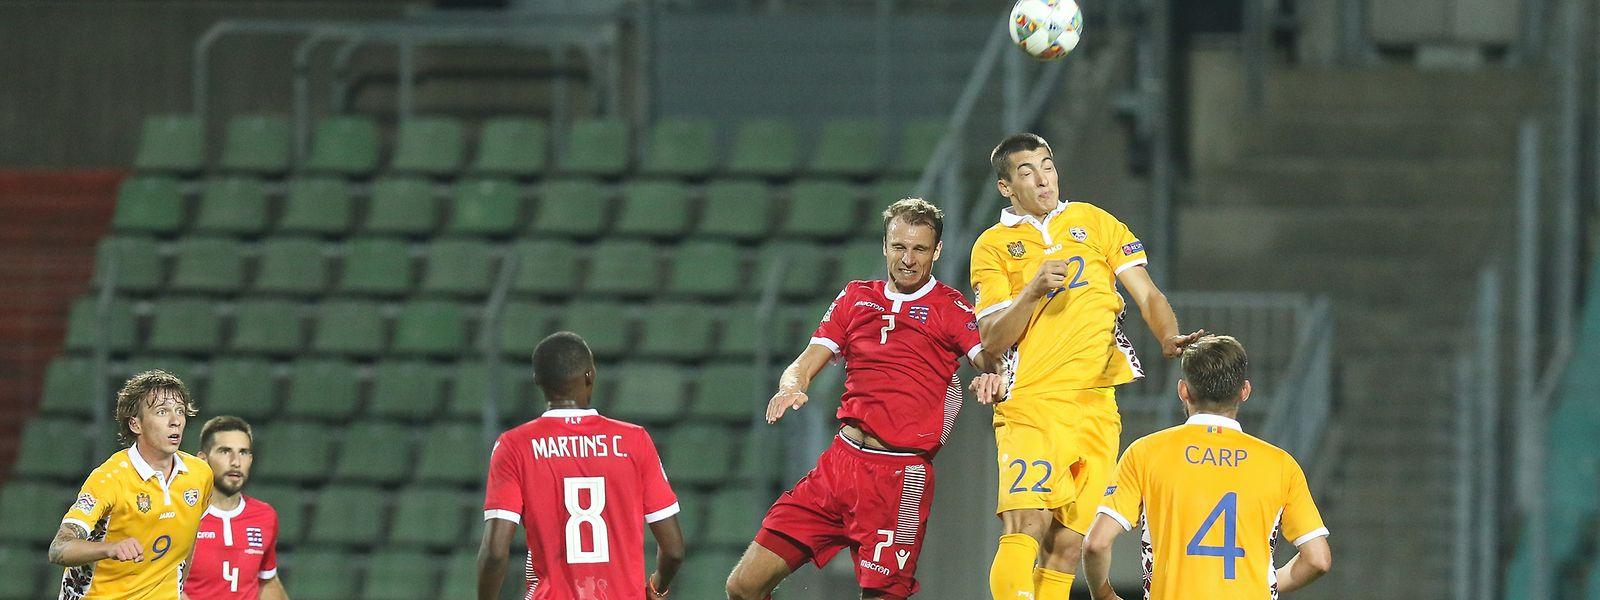 Nach dem 4:0-Sieg gegen Moldawien wollen Lars Gerson (7) und die Luxemburger den nächsten Erfolg.